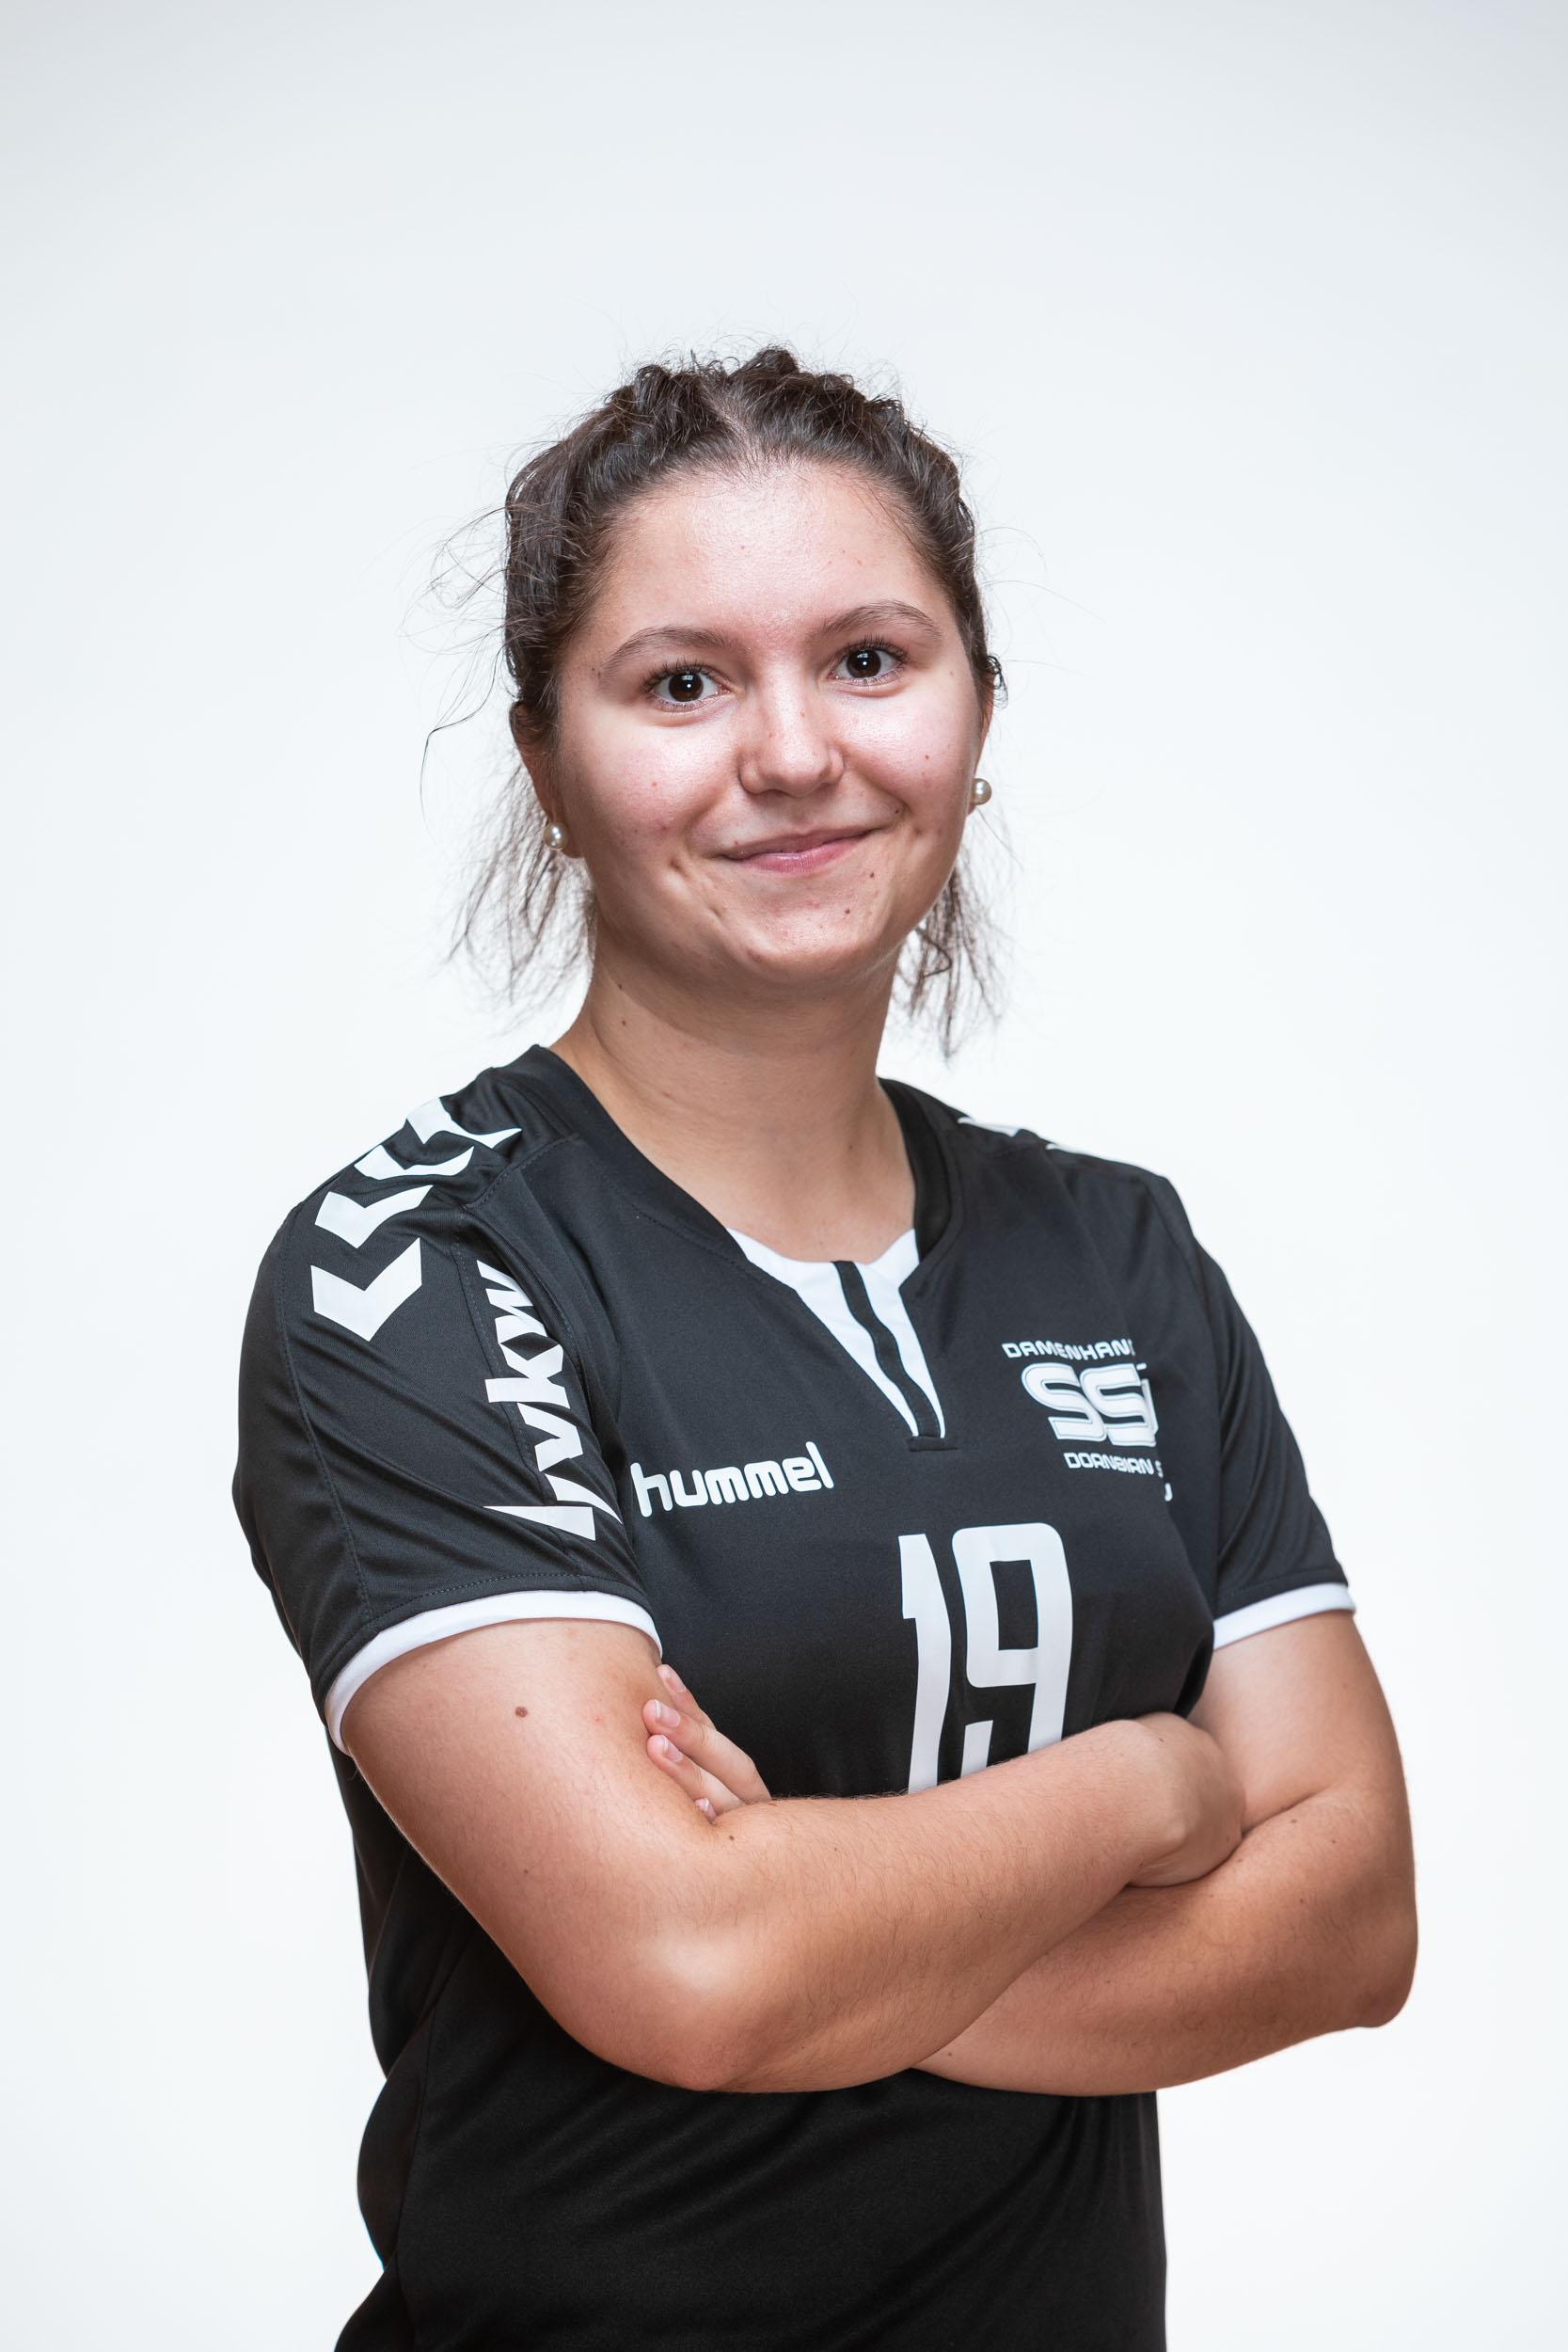 Anna-Sophie Wolf